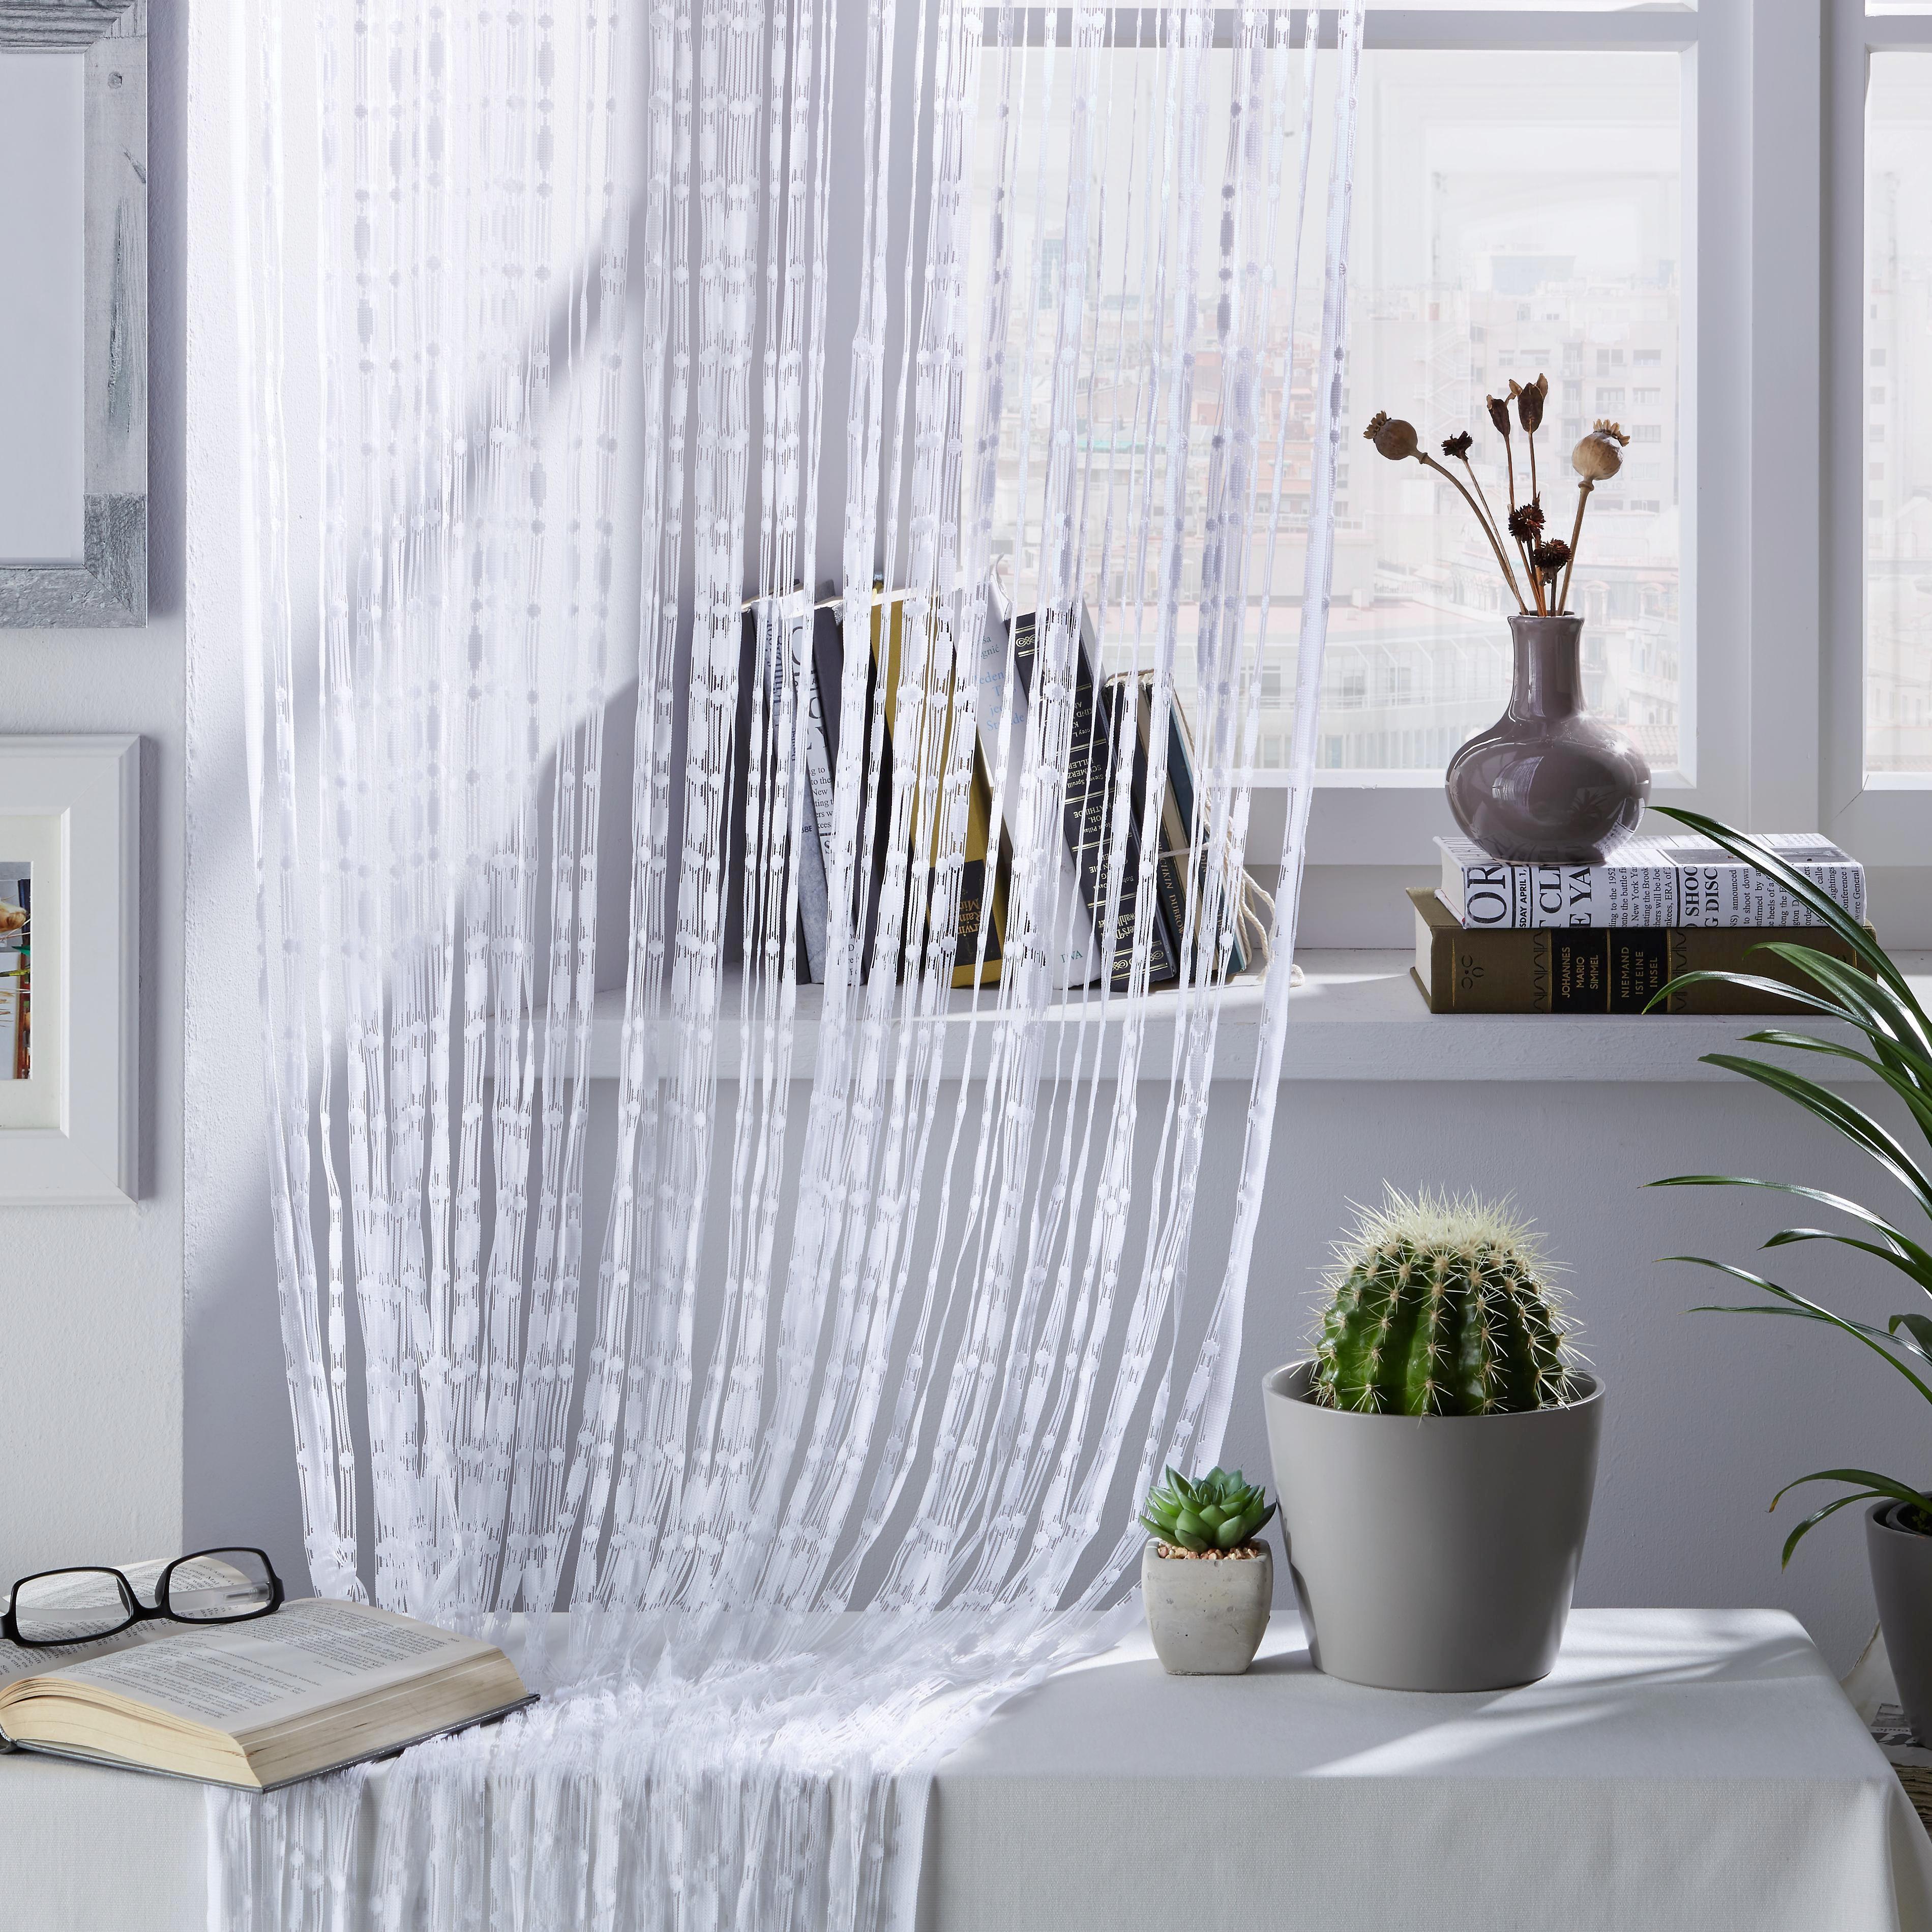 Fadenstore Trend in Weiß, ca. 95x240cm - Weiß, ROMANTIK / LANDHAUS, Textil (95/240cm) - MÖMAX modern living